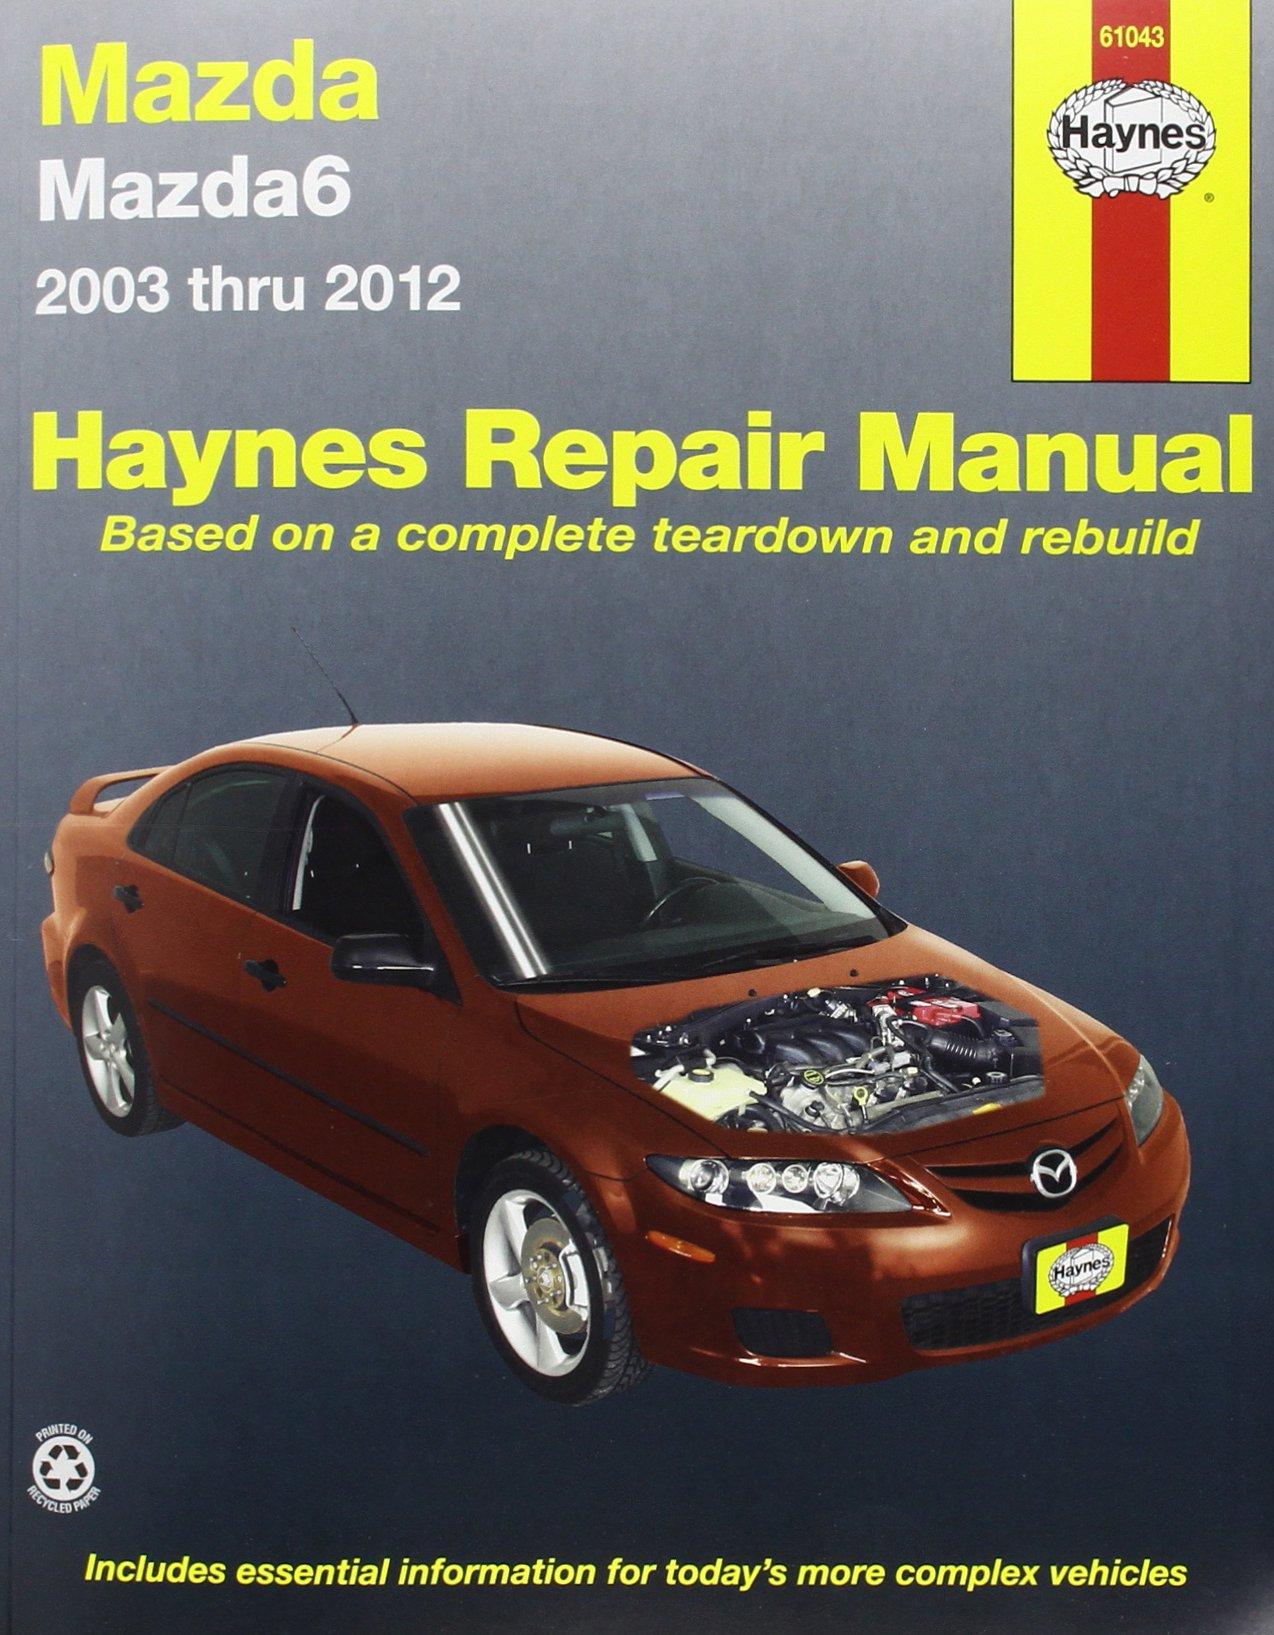 Mazda 6 Automotive Repair Manual: 2003-2012 (Haynes Automotive Repair  Manuals): Amazon.co.uk: Editors of Haynes Manuals: 9781620920732: Books